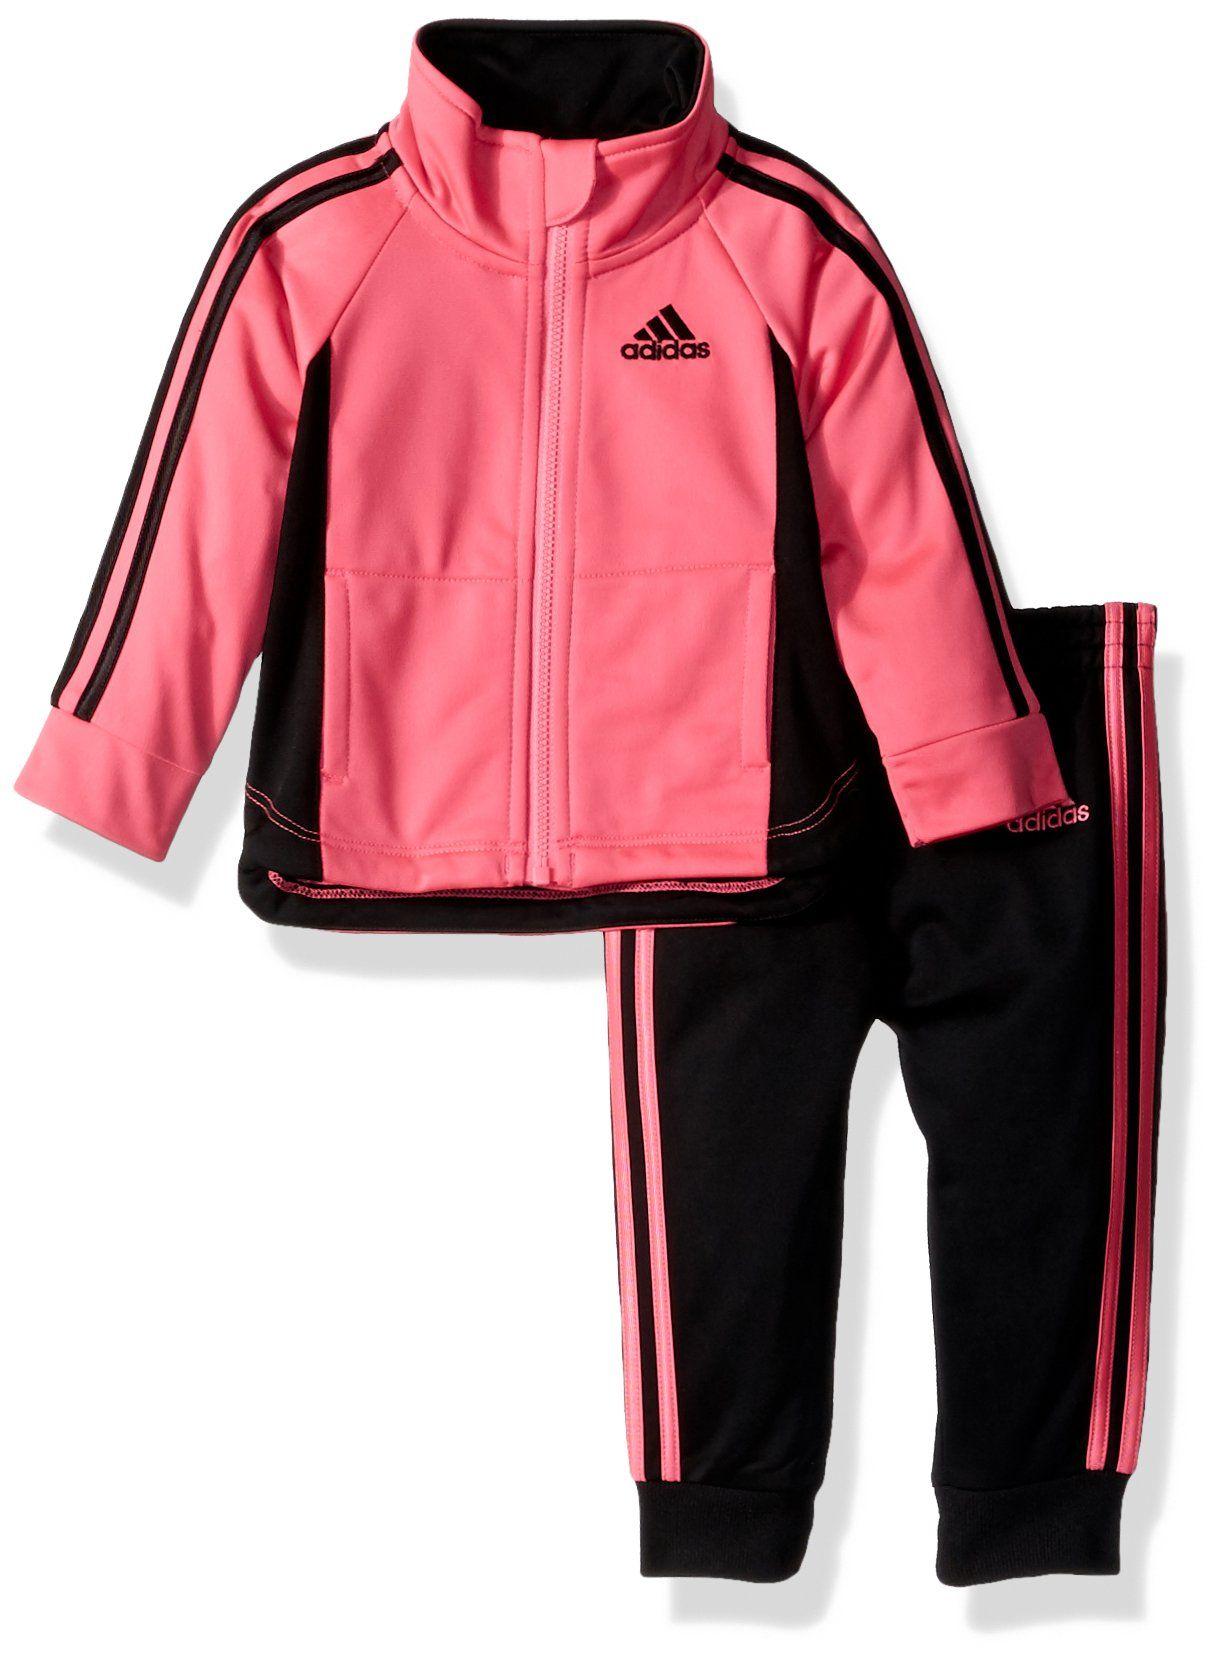 136316d36 Adidas Baby Girls' Zip Jacket and Pant Set, Solar Pink Jog, 18M ...